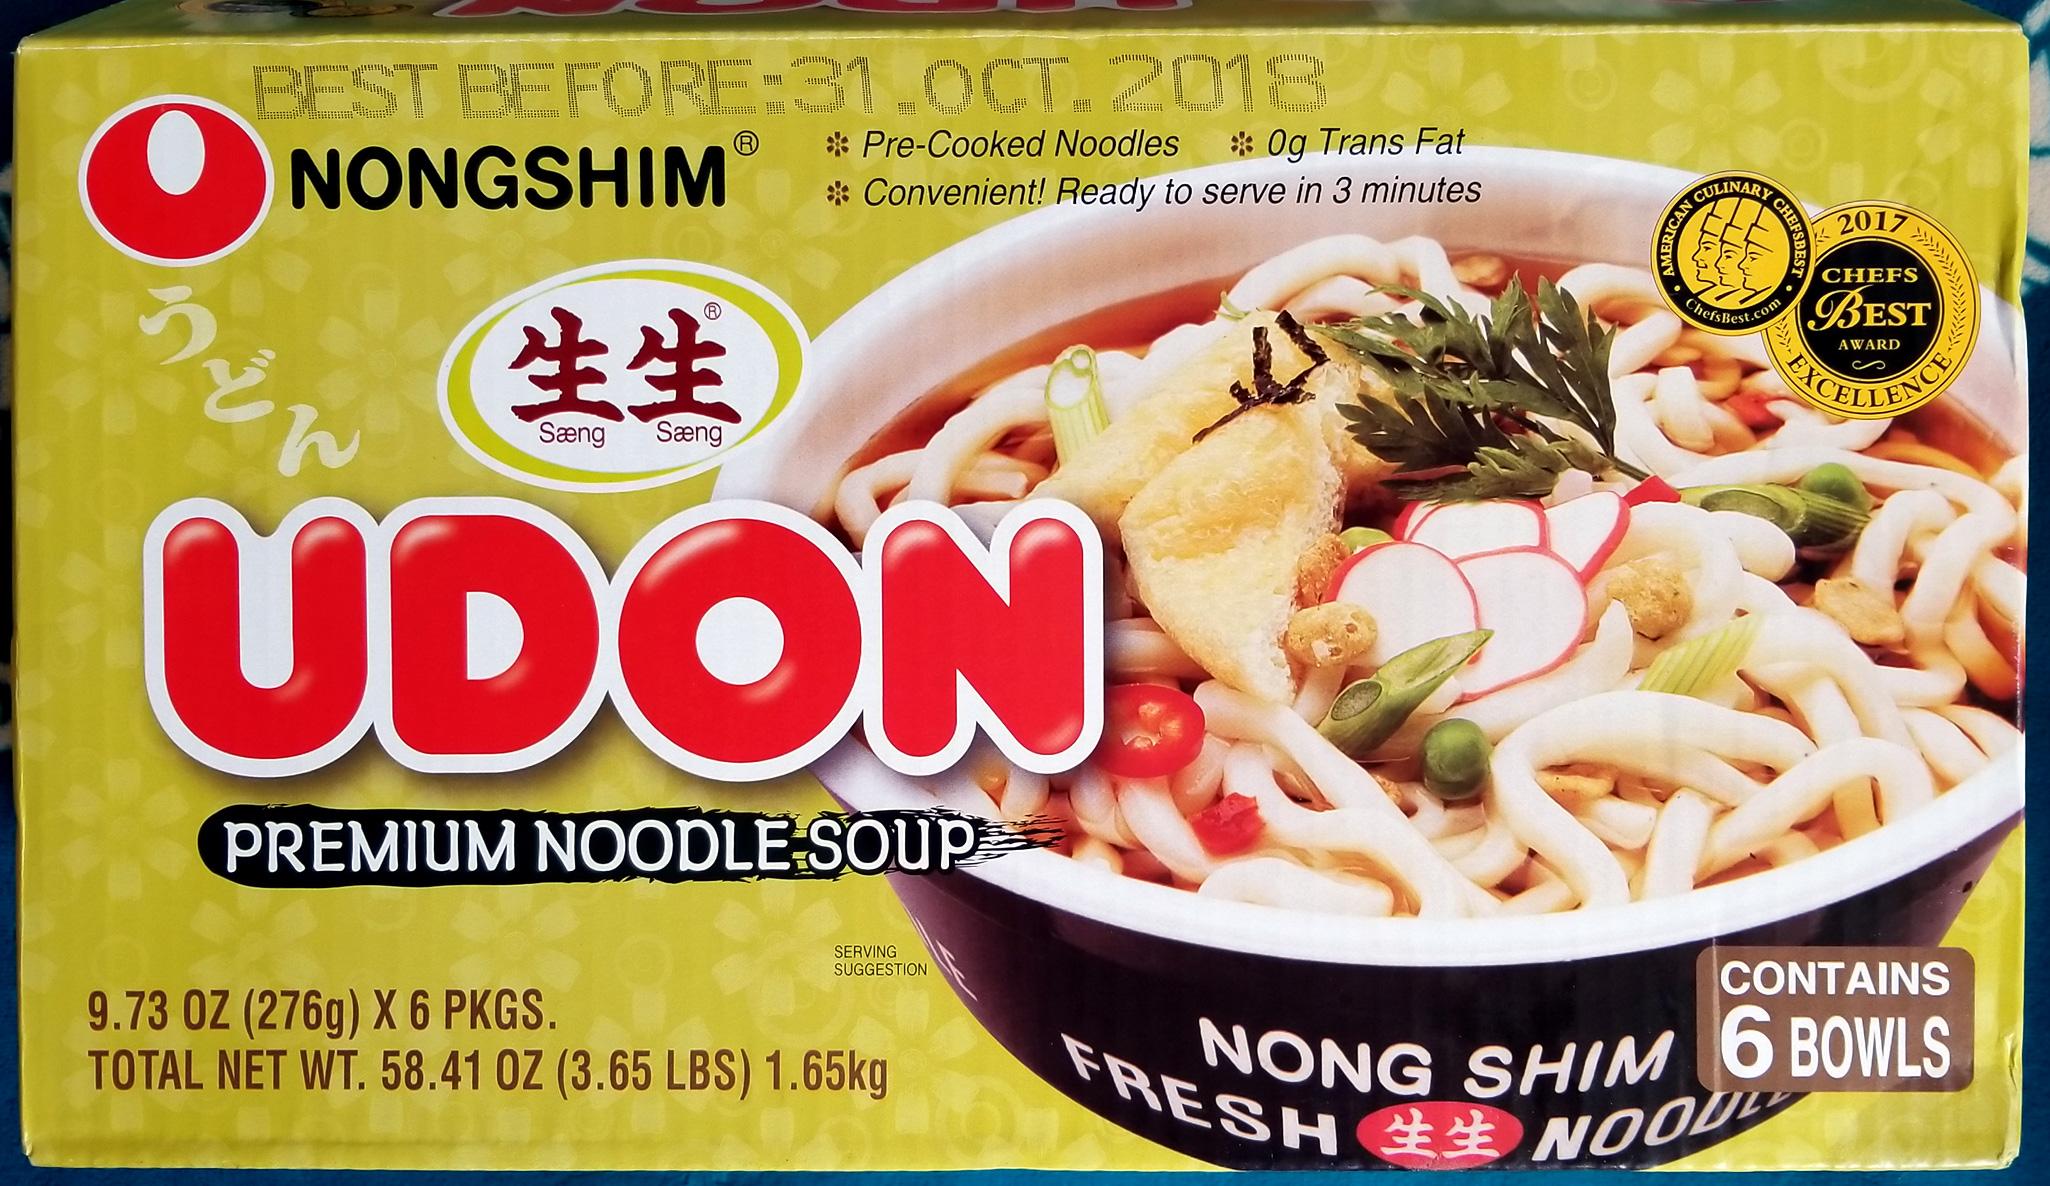 Costco Eats Nongshim 174 Udon Premium Noodle Soup Tasty Island